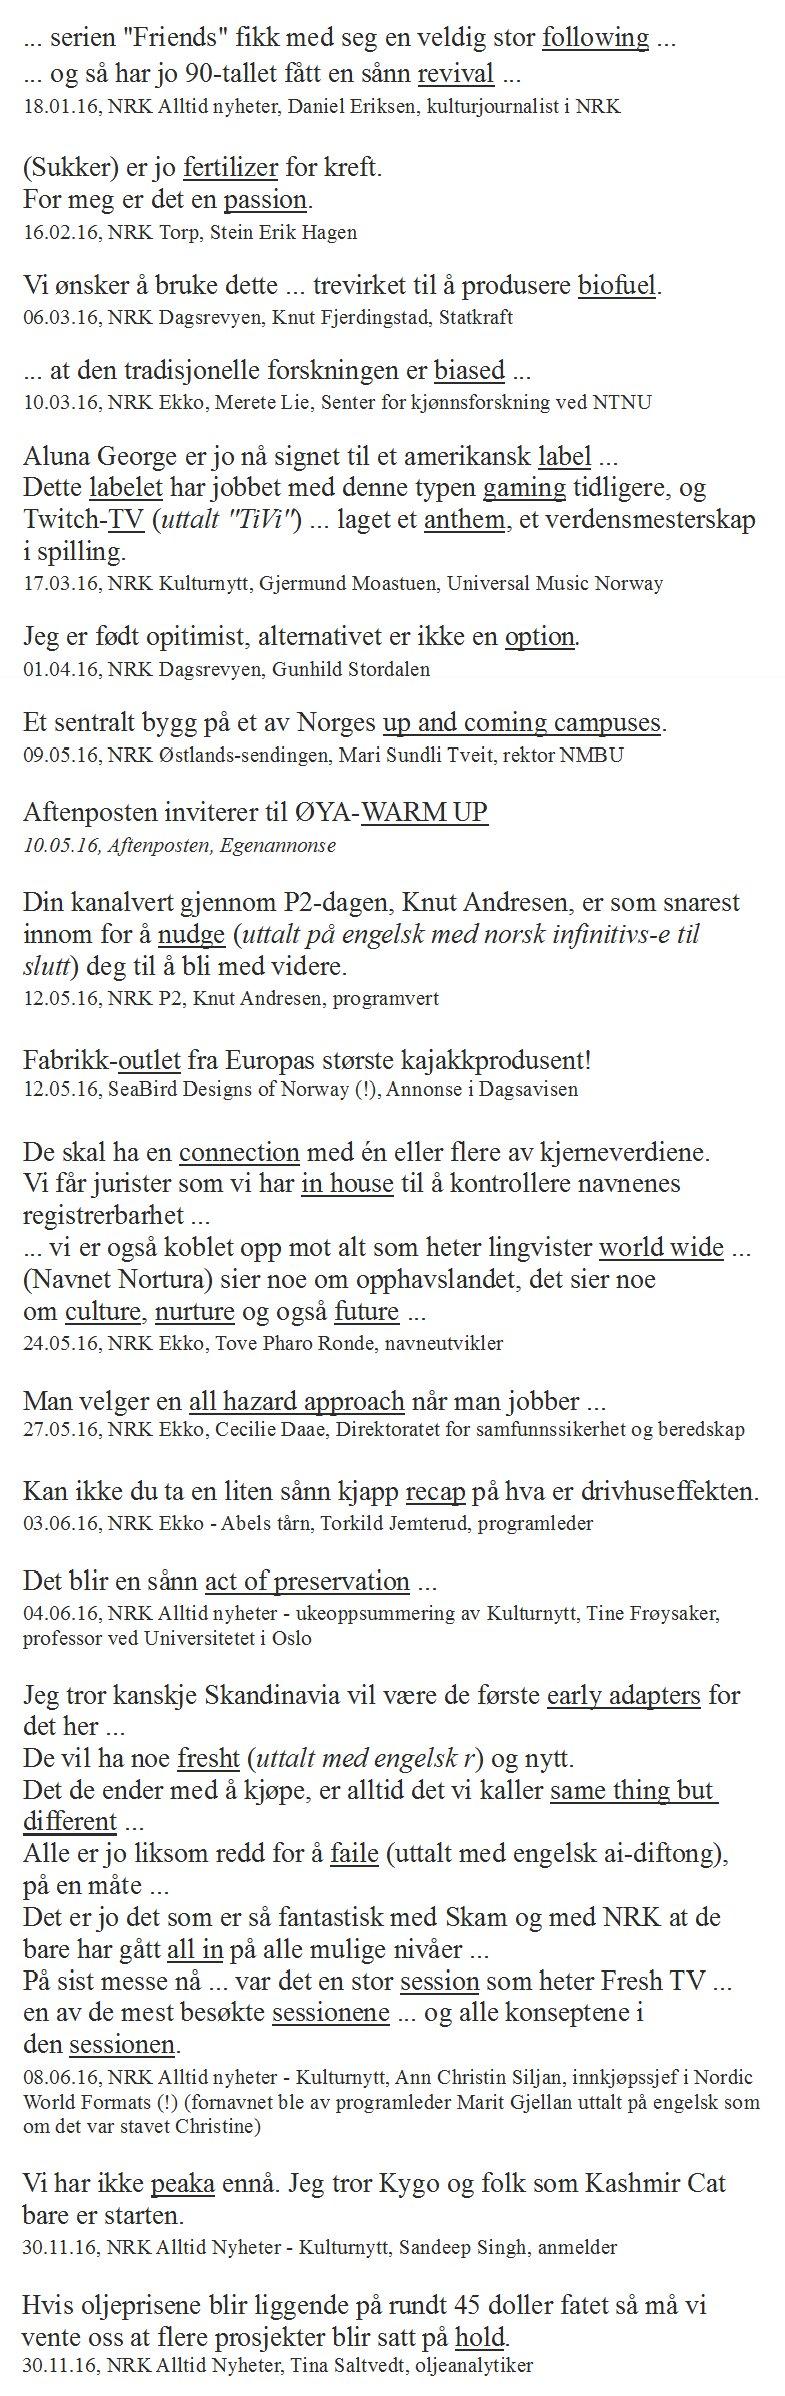 engelsk-i-norsk